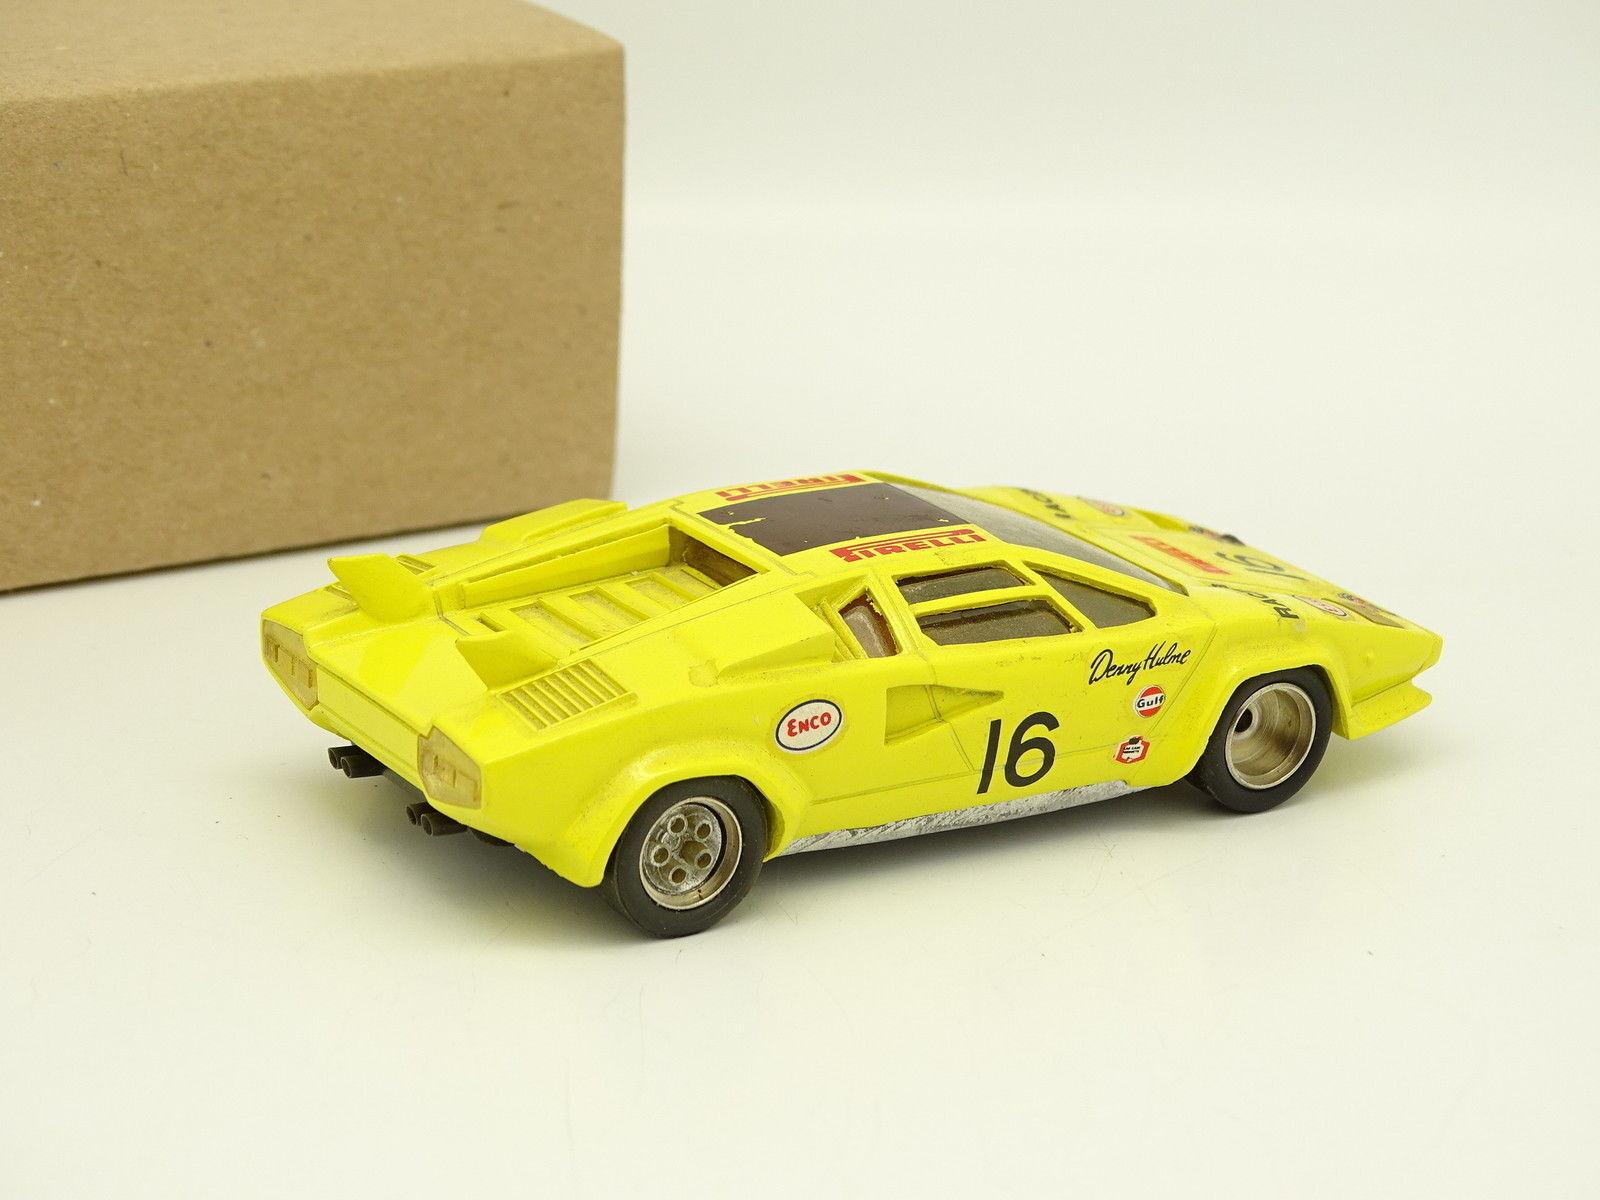 Record Kit Assembled 1 43 - Lamborghini Countach Hulme Hulme Hulme b51eb3